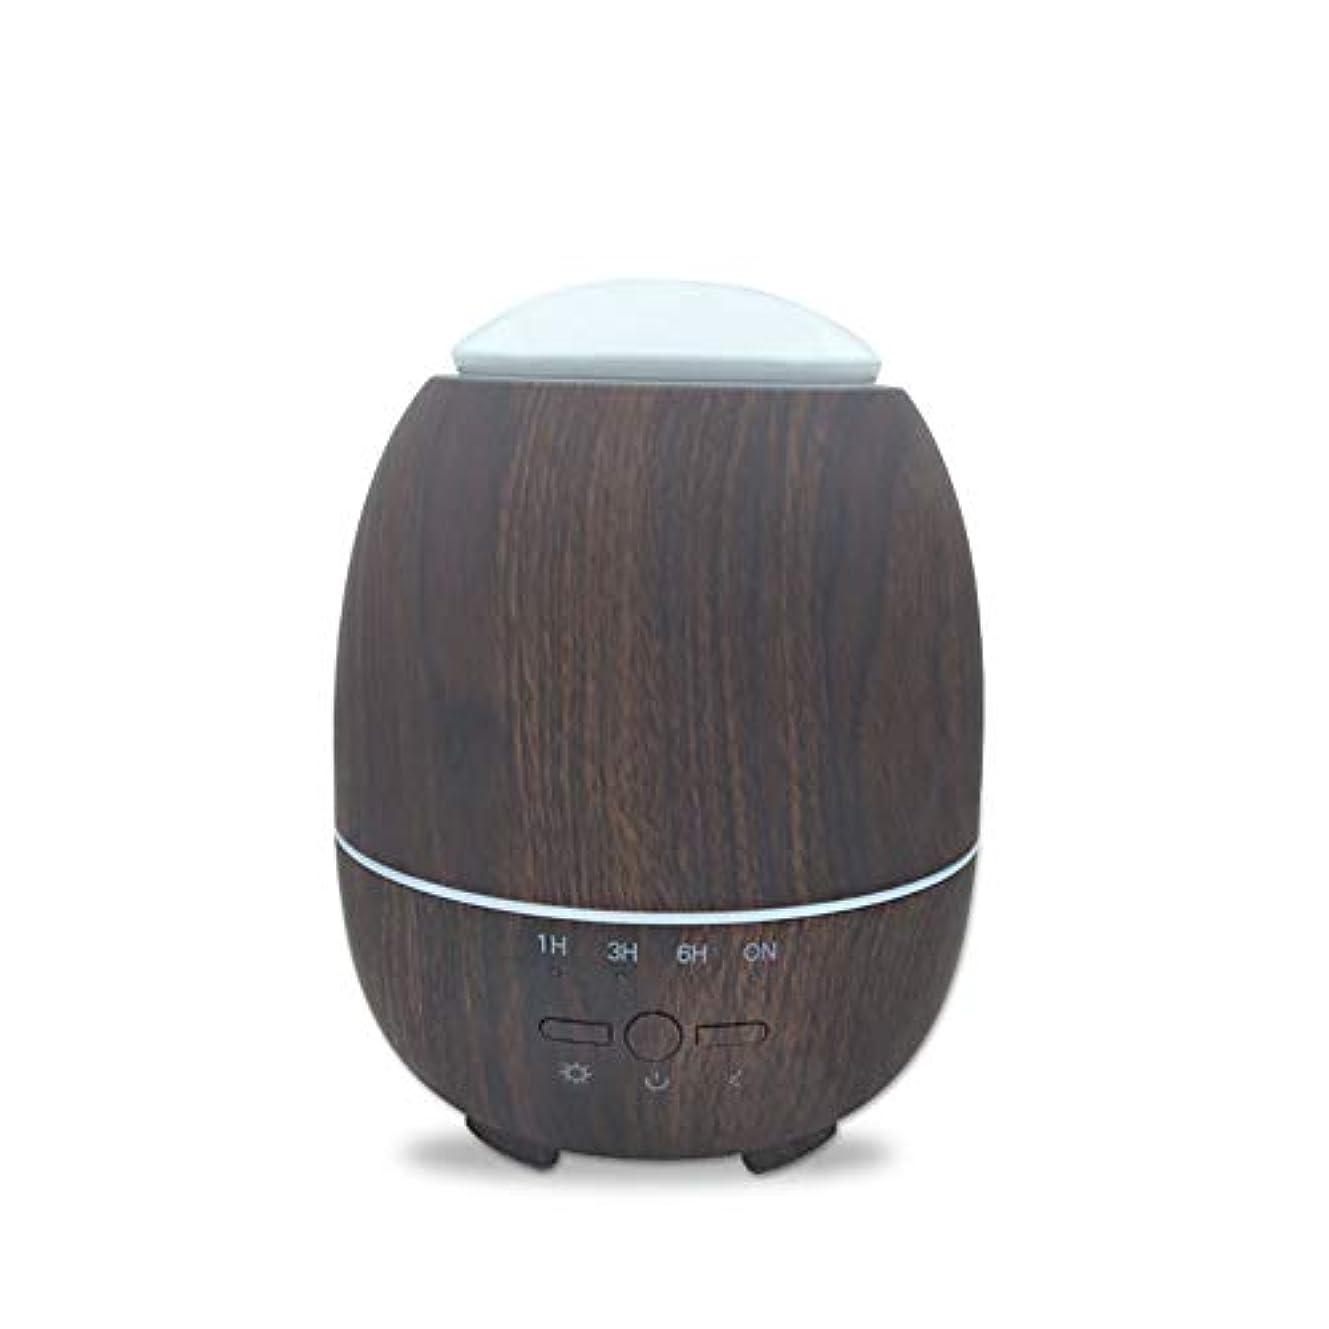 ラジウム石のブラウンアロマエッセンシャルオイルクールミスト加湿器、ウッドグレインアロマディフューザー、スーパーハイアロマ出力、調節可能ミストモード、7色LEDライト,deepgrain